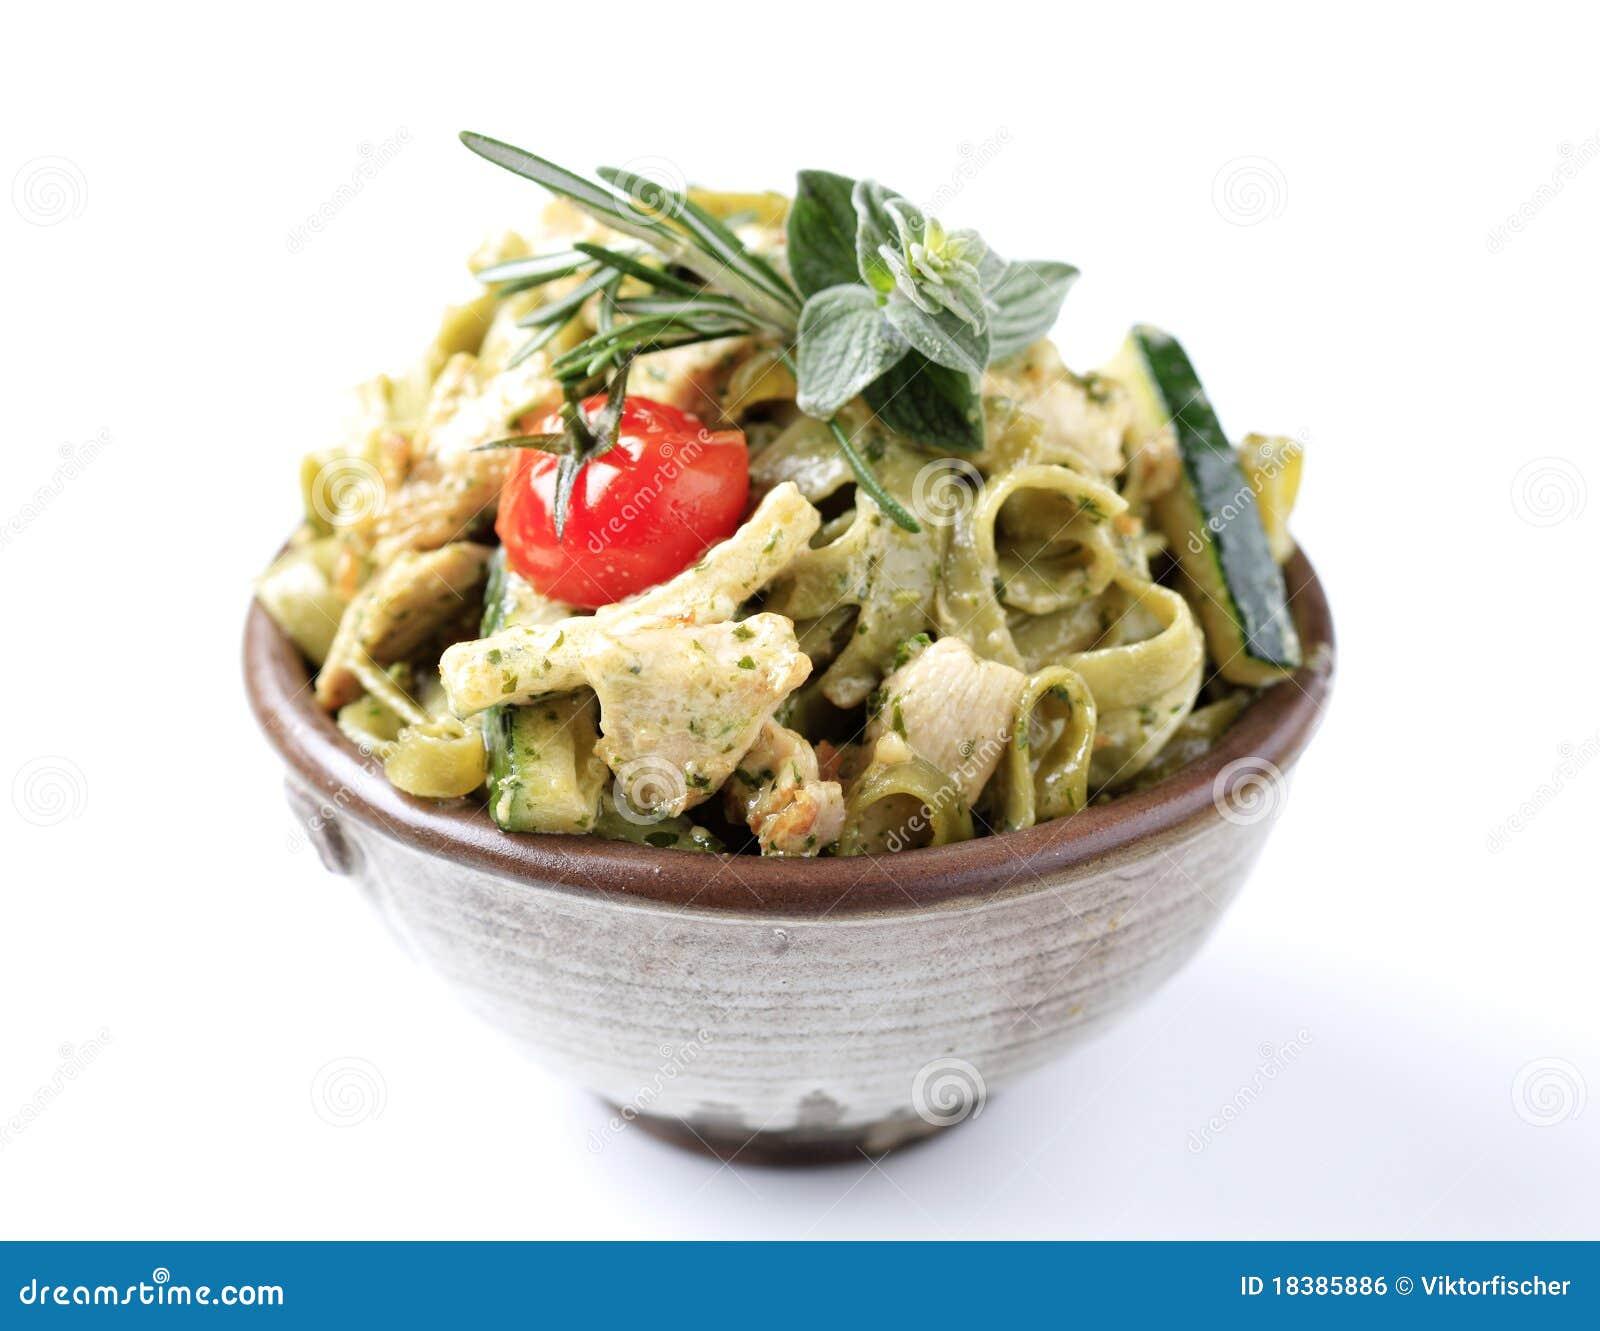 Dish макаронные изделия